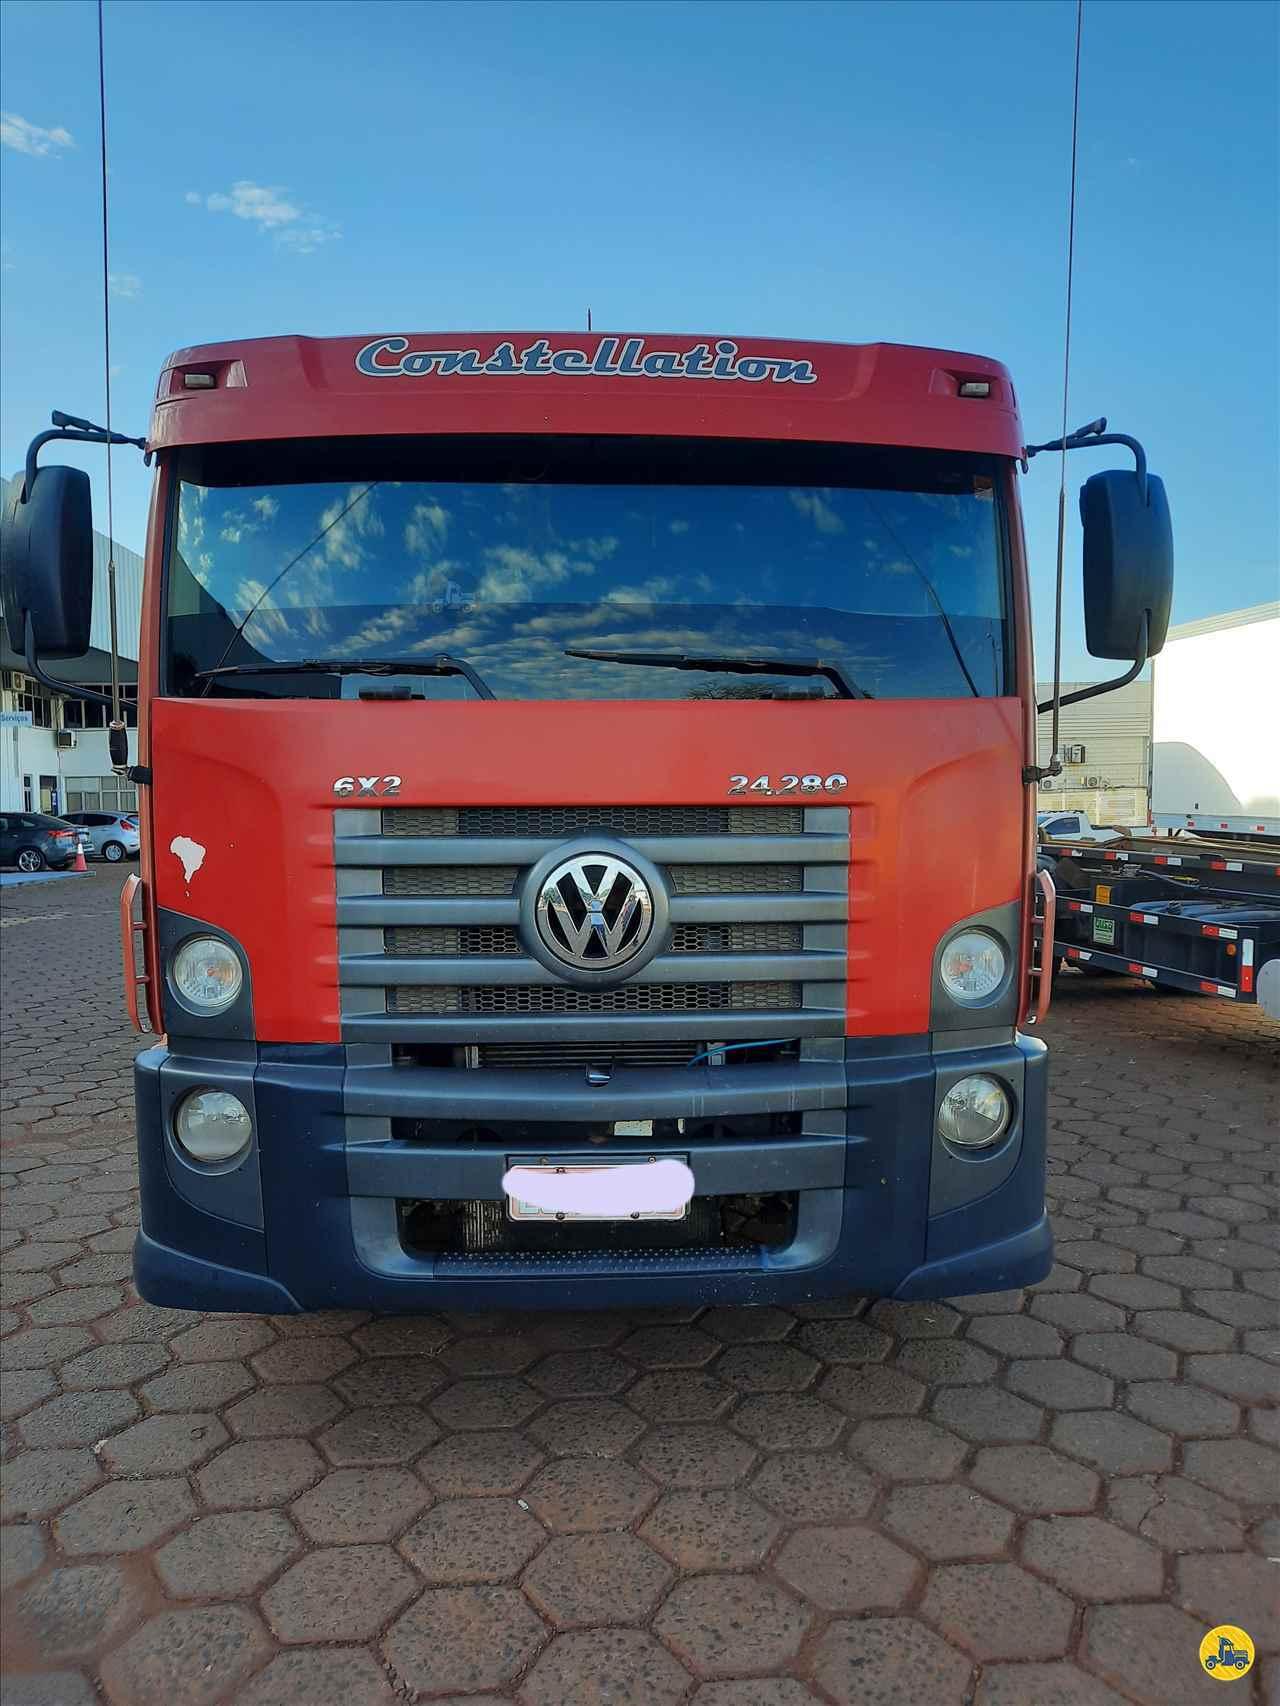 VW 24280 de Porssionatto Caminhões - RIO VERDE/GO